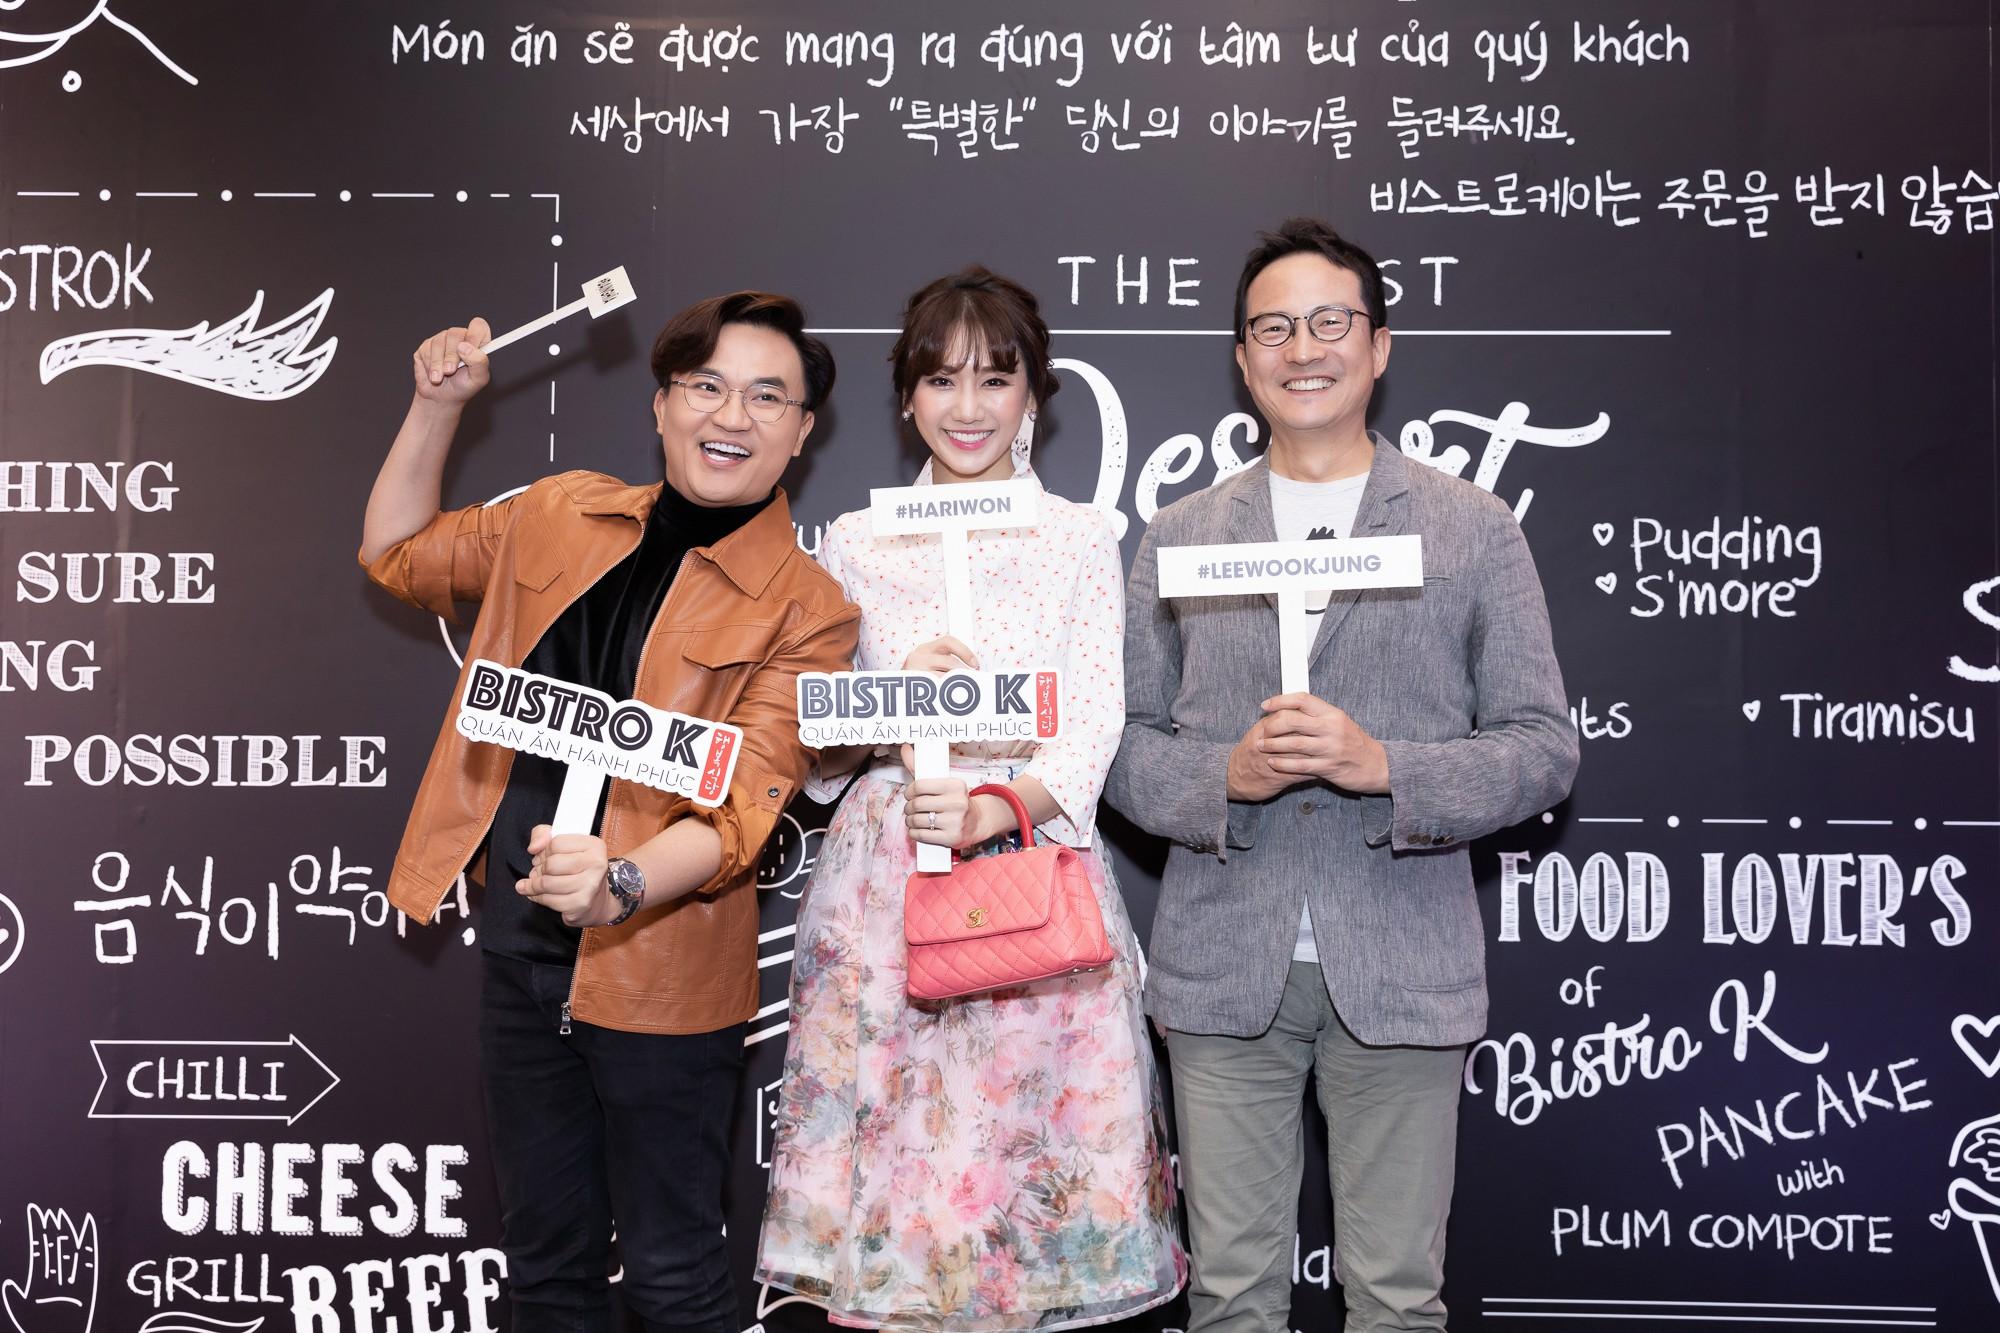 Đại Nghĩa tố Hari Won háu ăn, thường xuyên xin đồ ăn của khách mời - Ảnh 1.